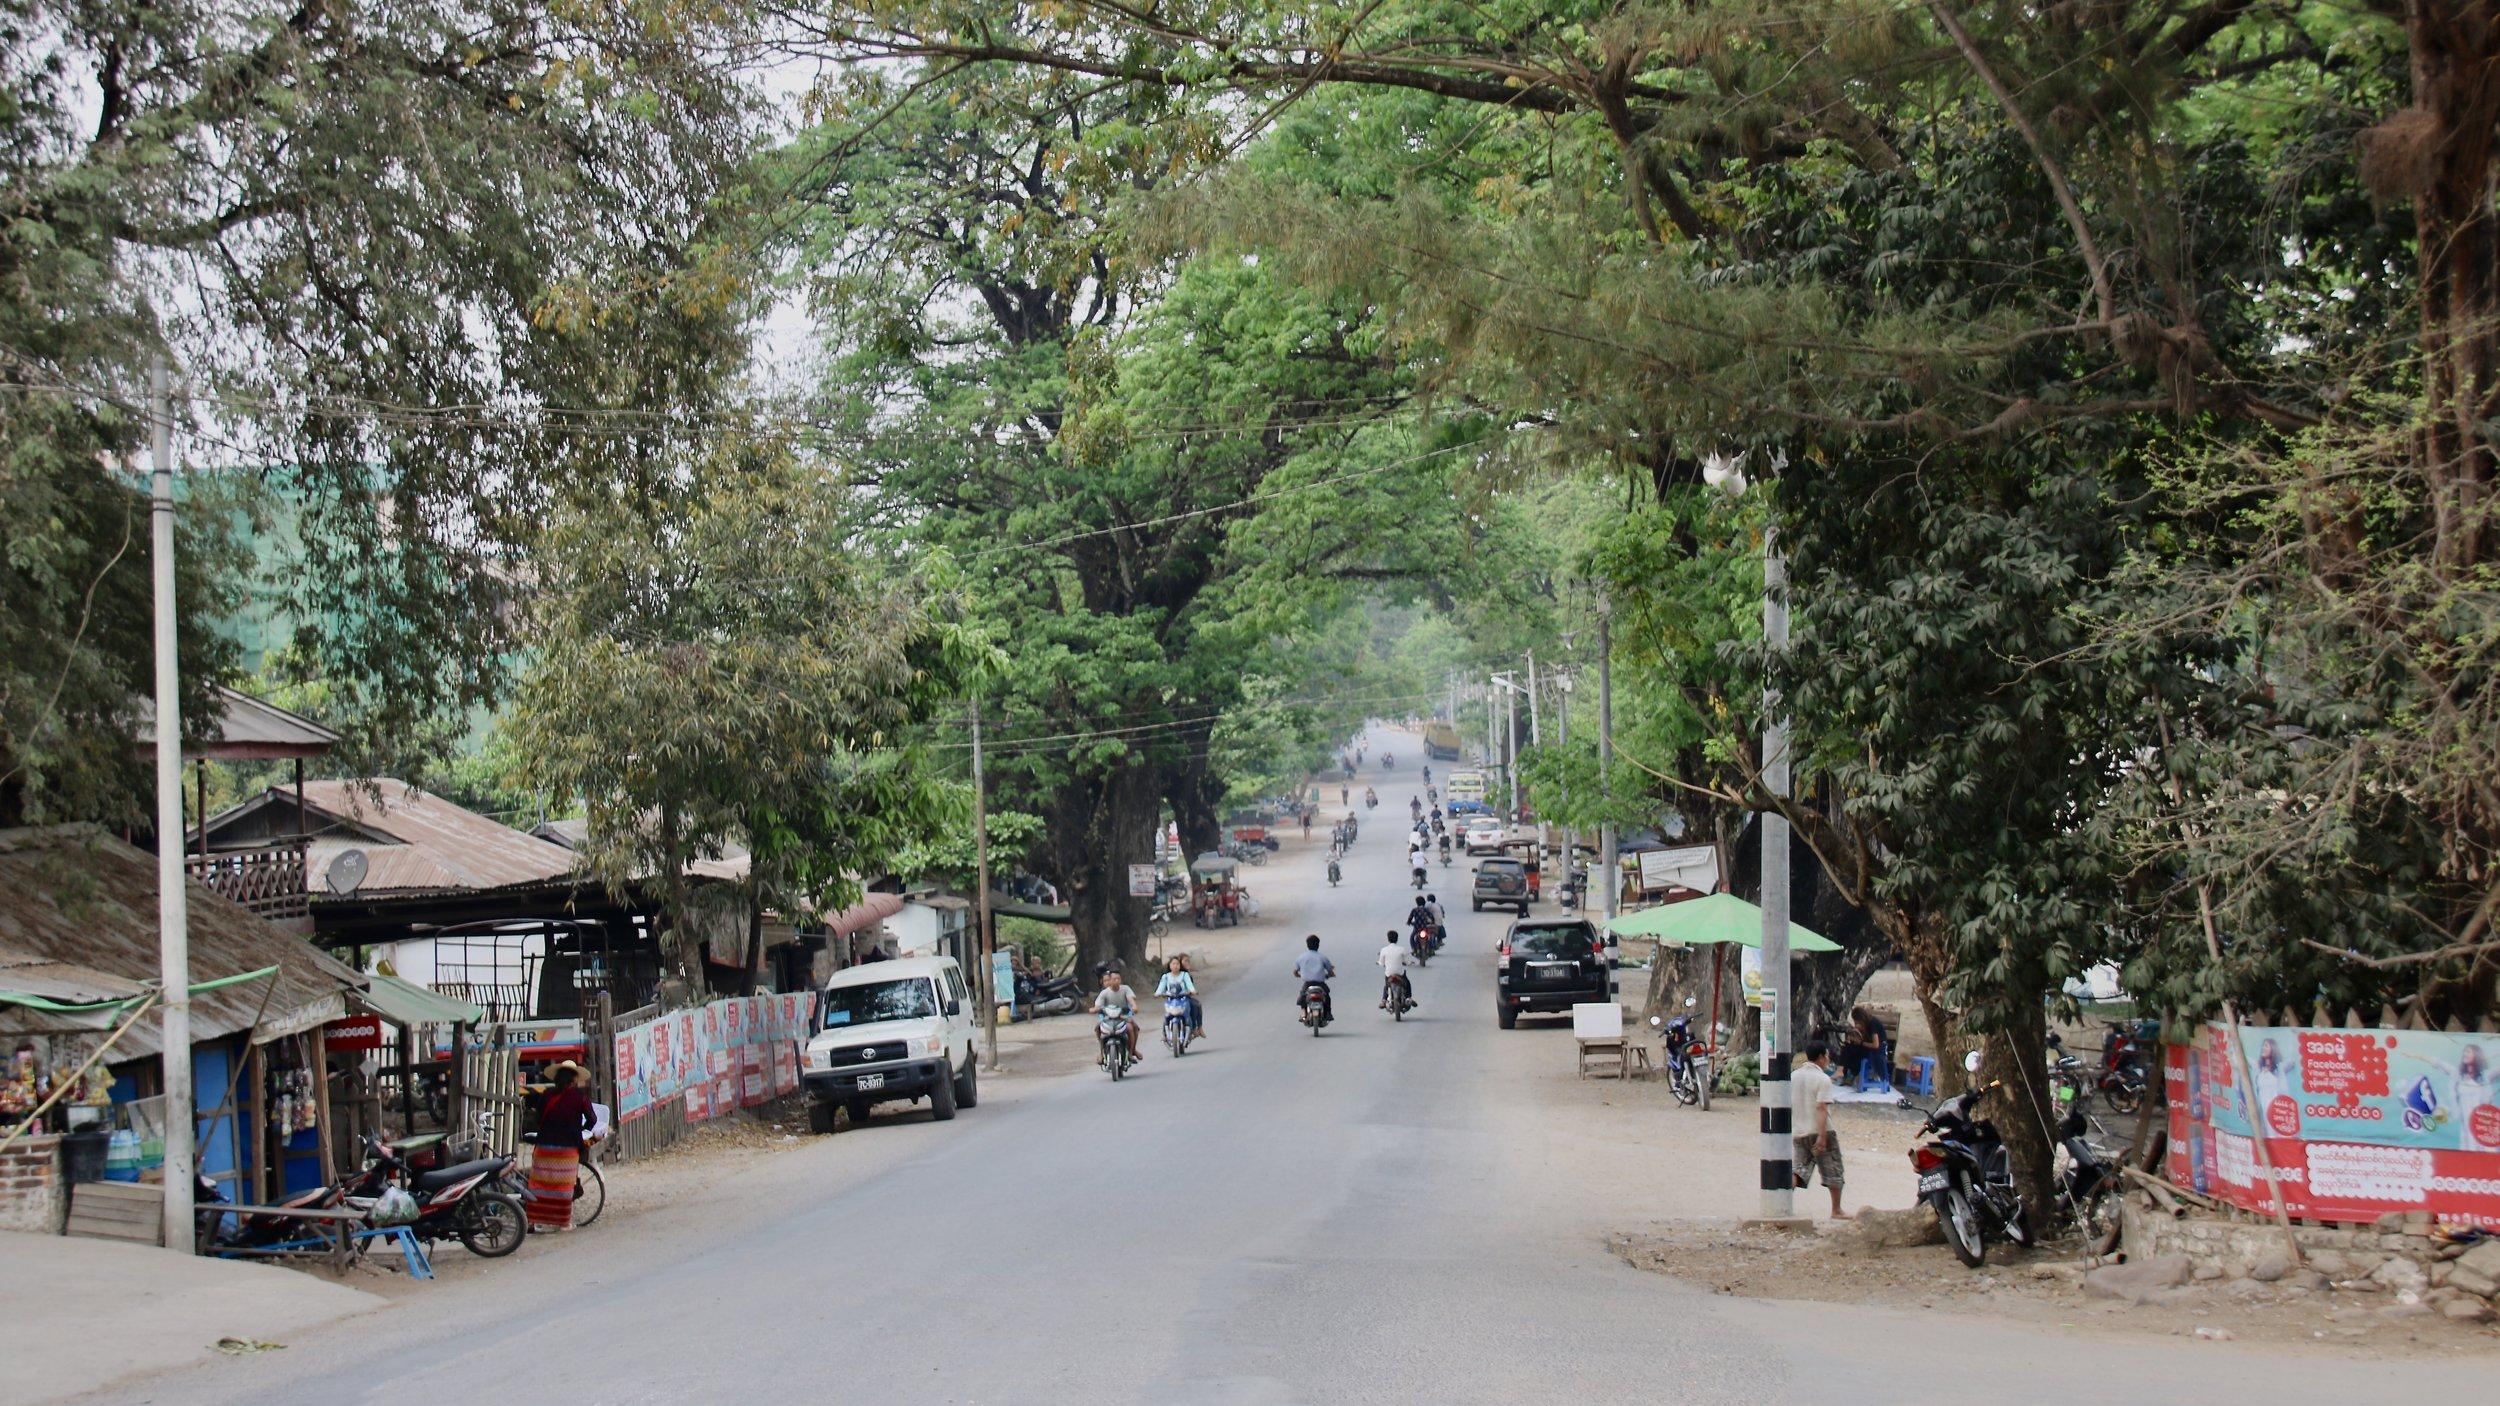 Hsipaw main Namtu Road, Myanmar @acrosslandsea